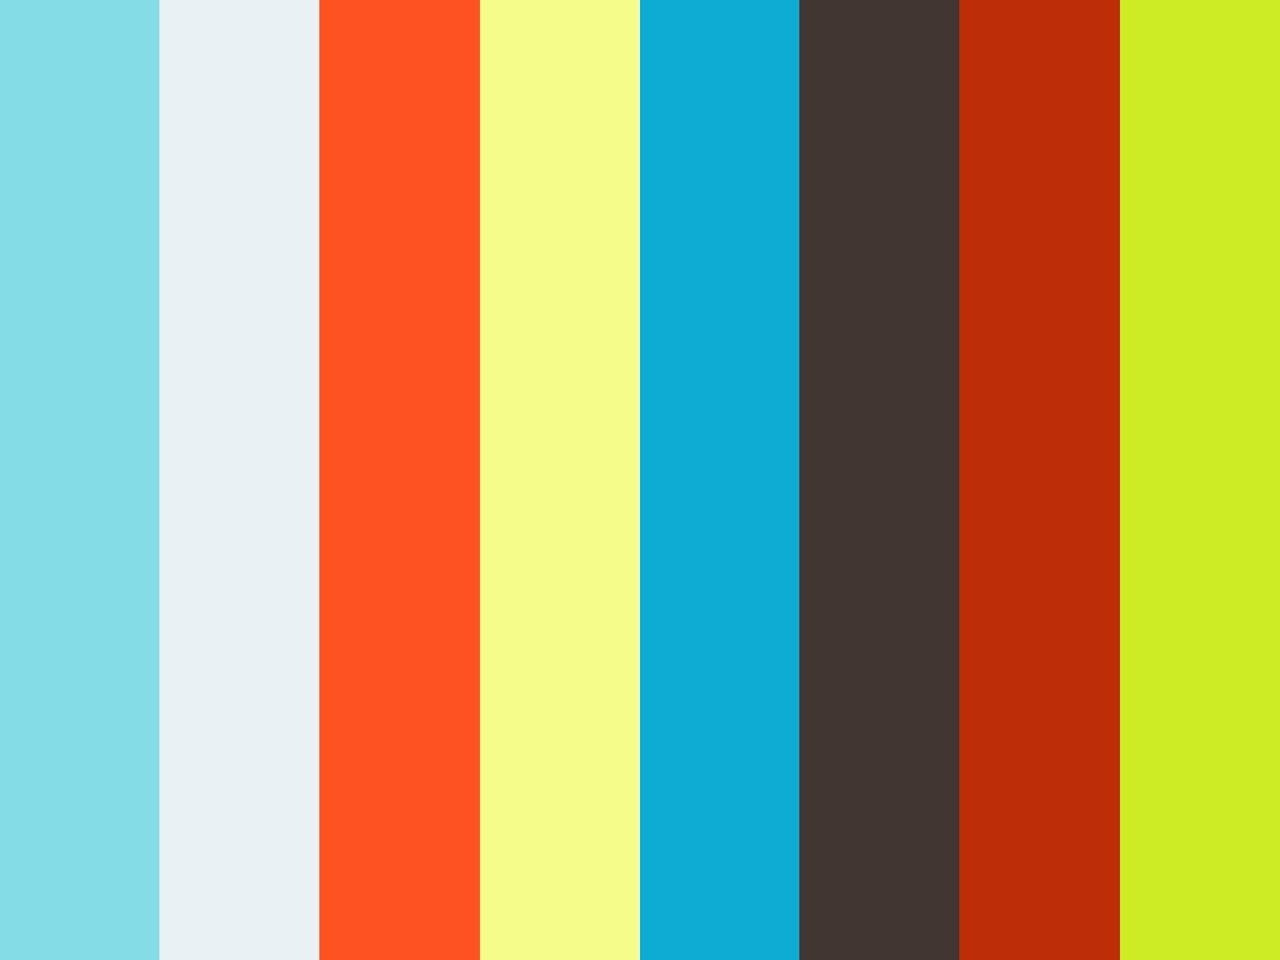 Proyectos Sociales Fundación CB Ibercaja - Fundación Universidad-Sociedad de la UEx (E-misión Color)